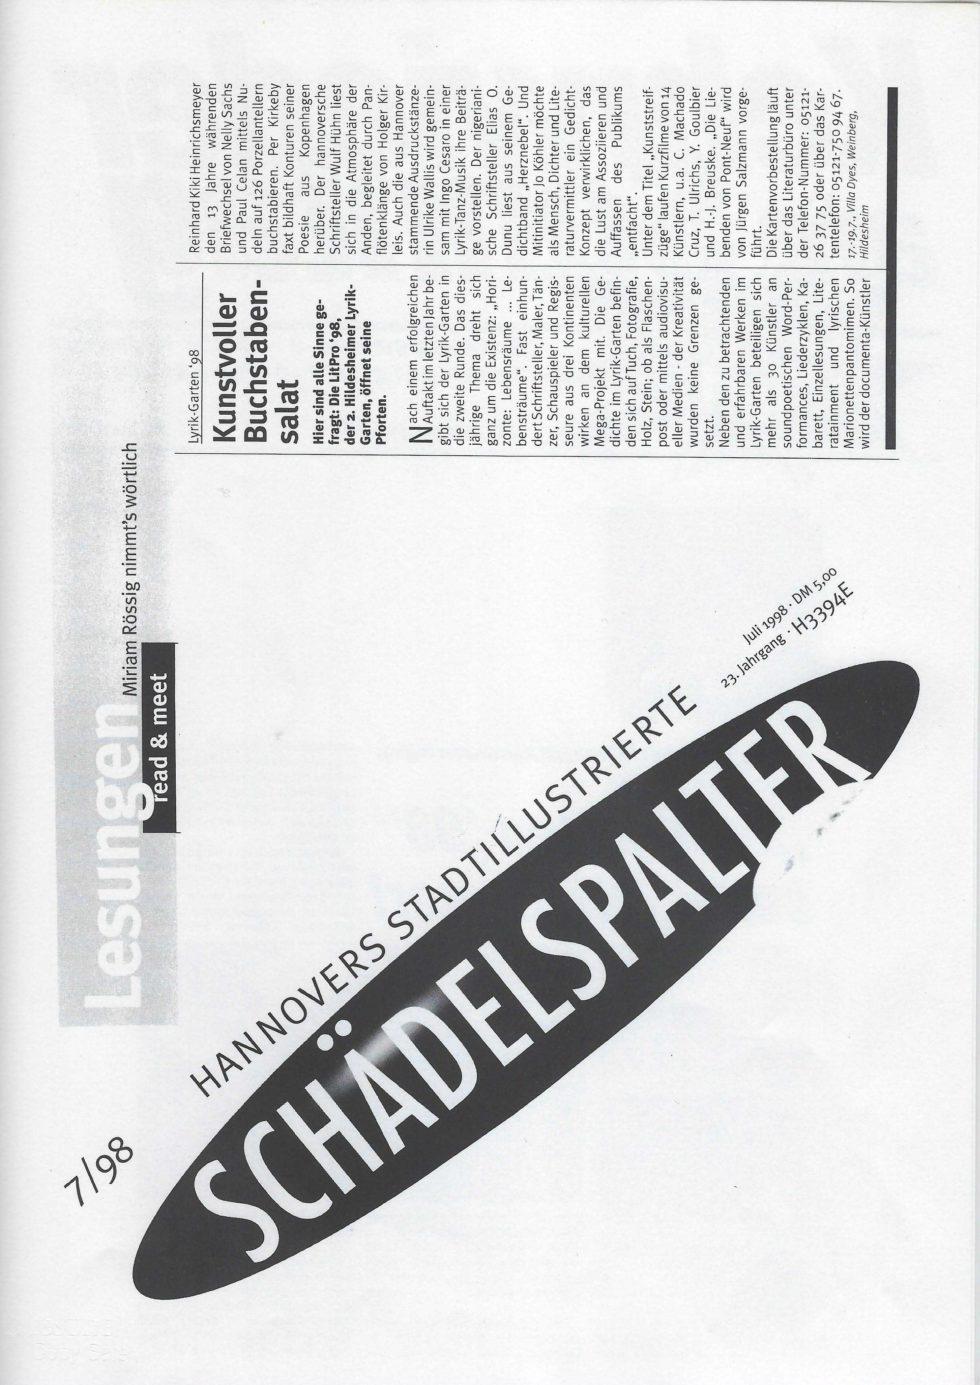 1998 LyrikGarten, LiteraTalk, Politisches_Seite_23